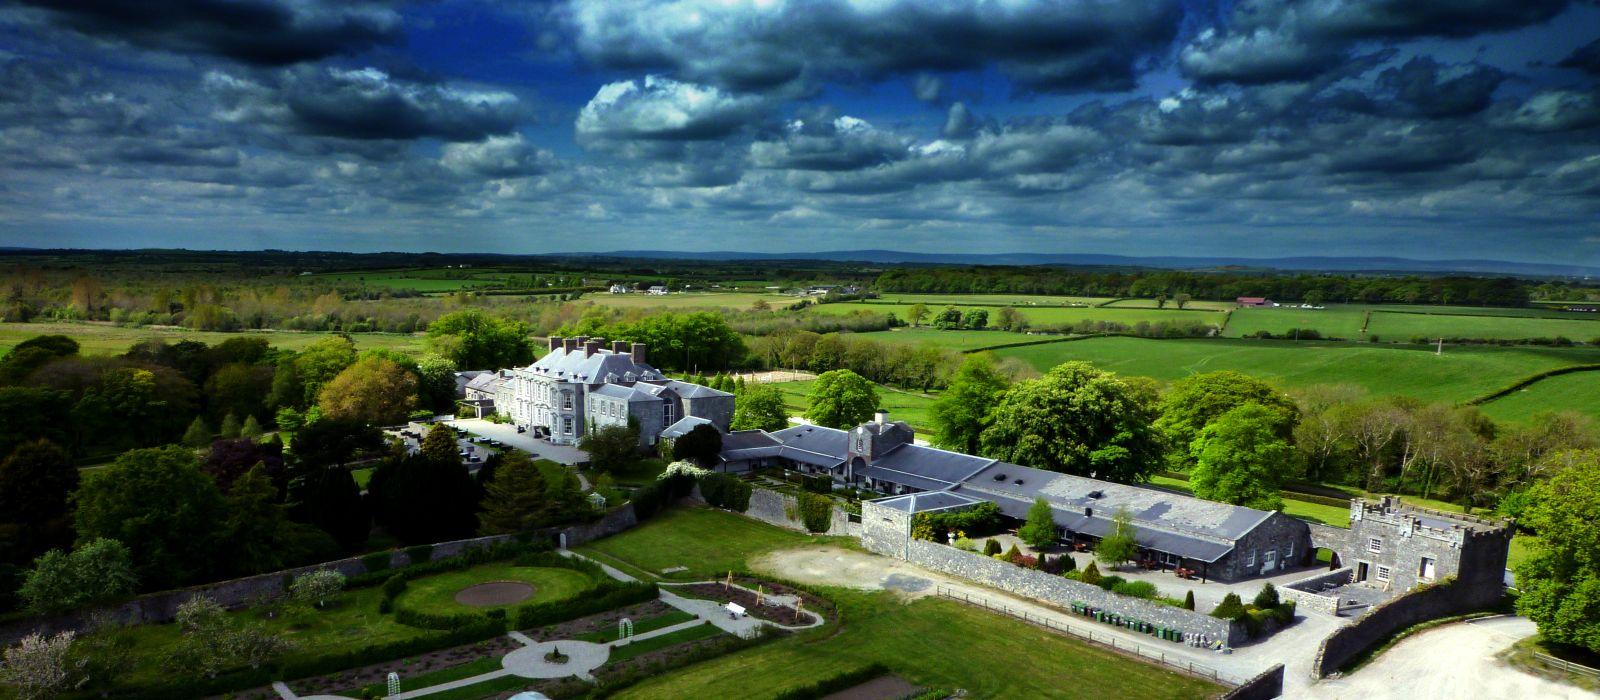 Hotels Laois Luxury Hotel Laois Castle Durrow